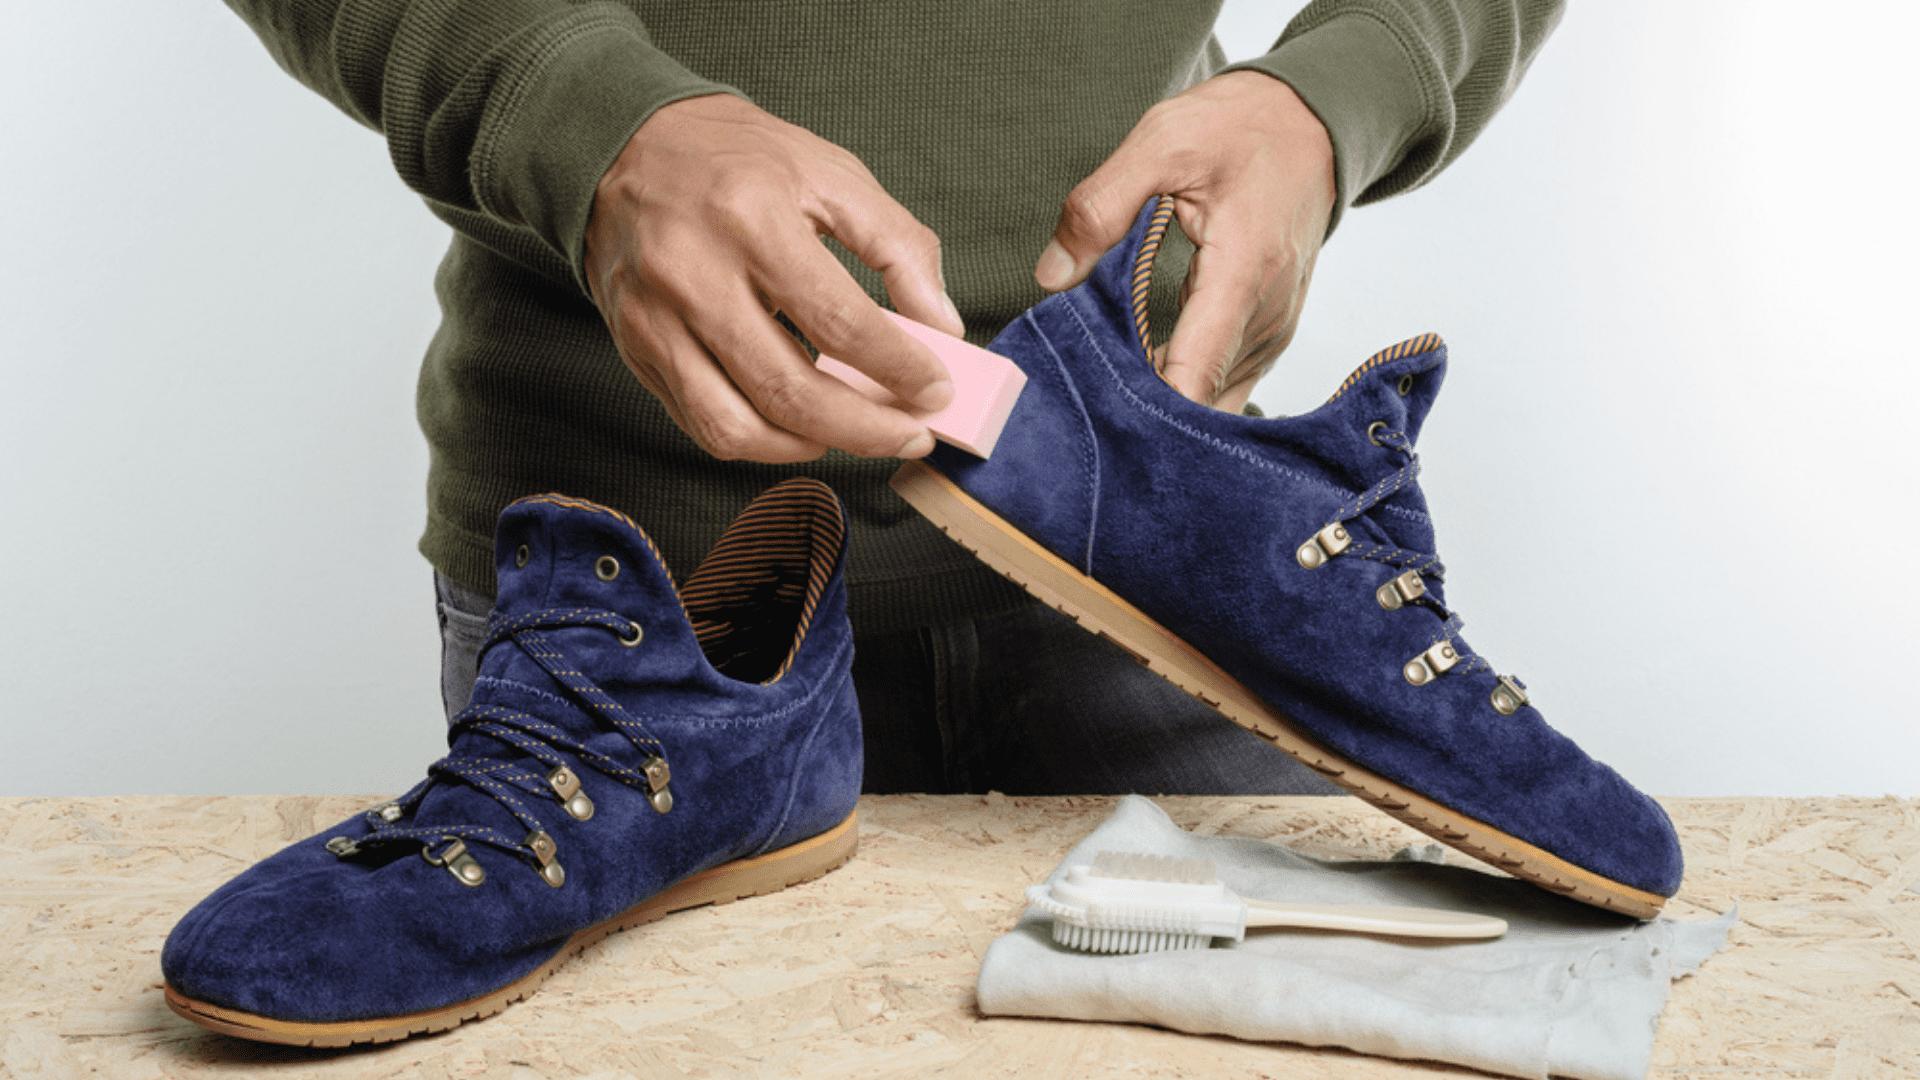 Veja os produtos para limpar tênis de camurça que você vai precisar! (Imagem: Reprodução/Shutterstock)